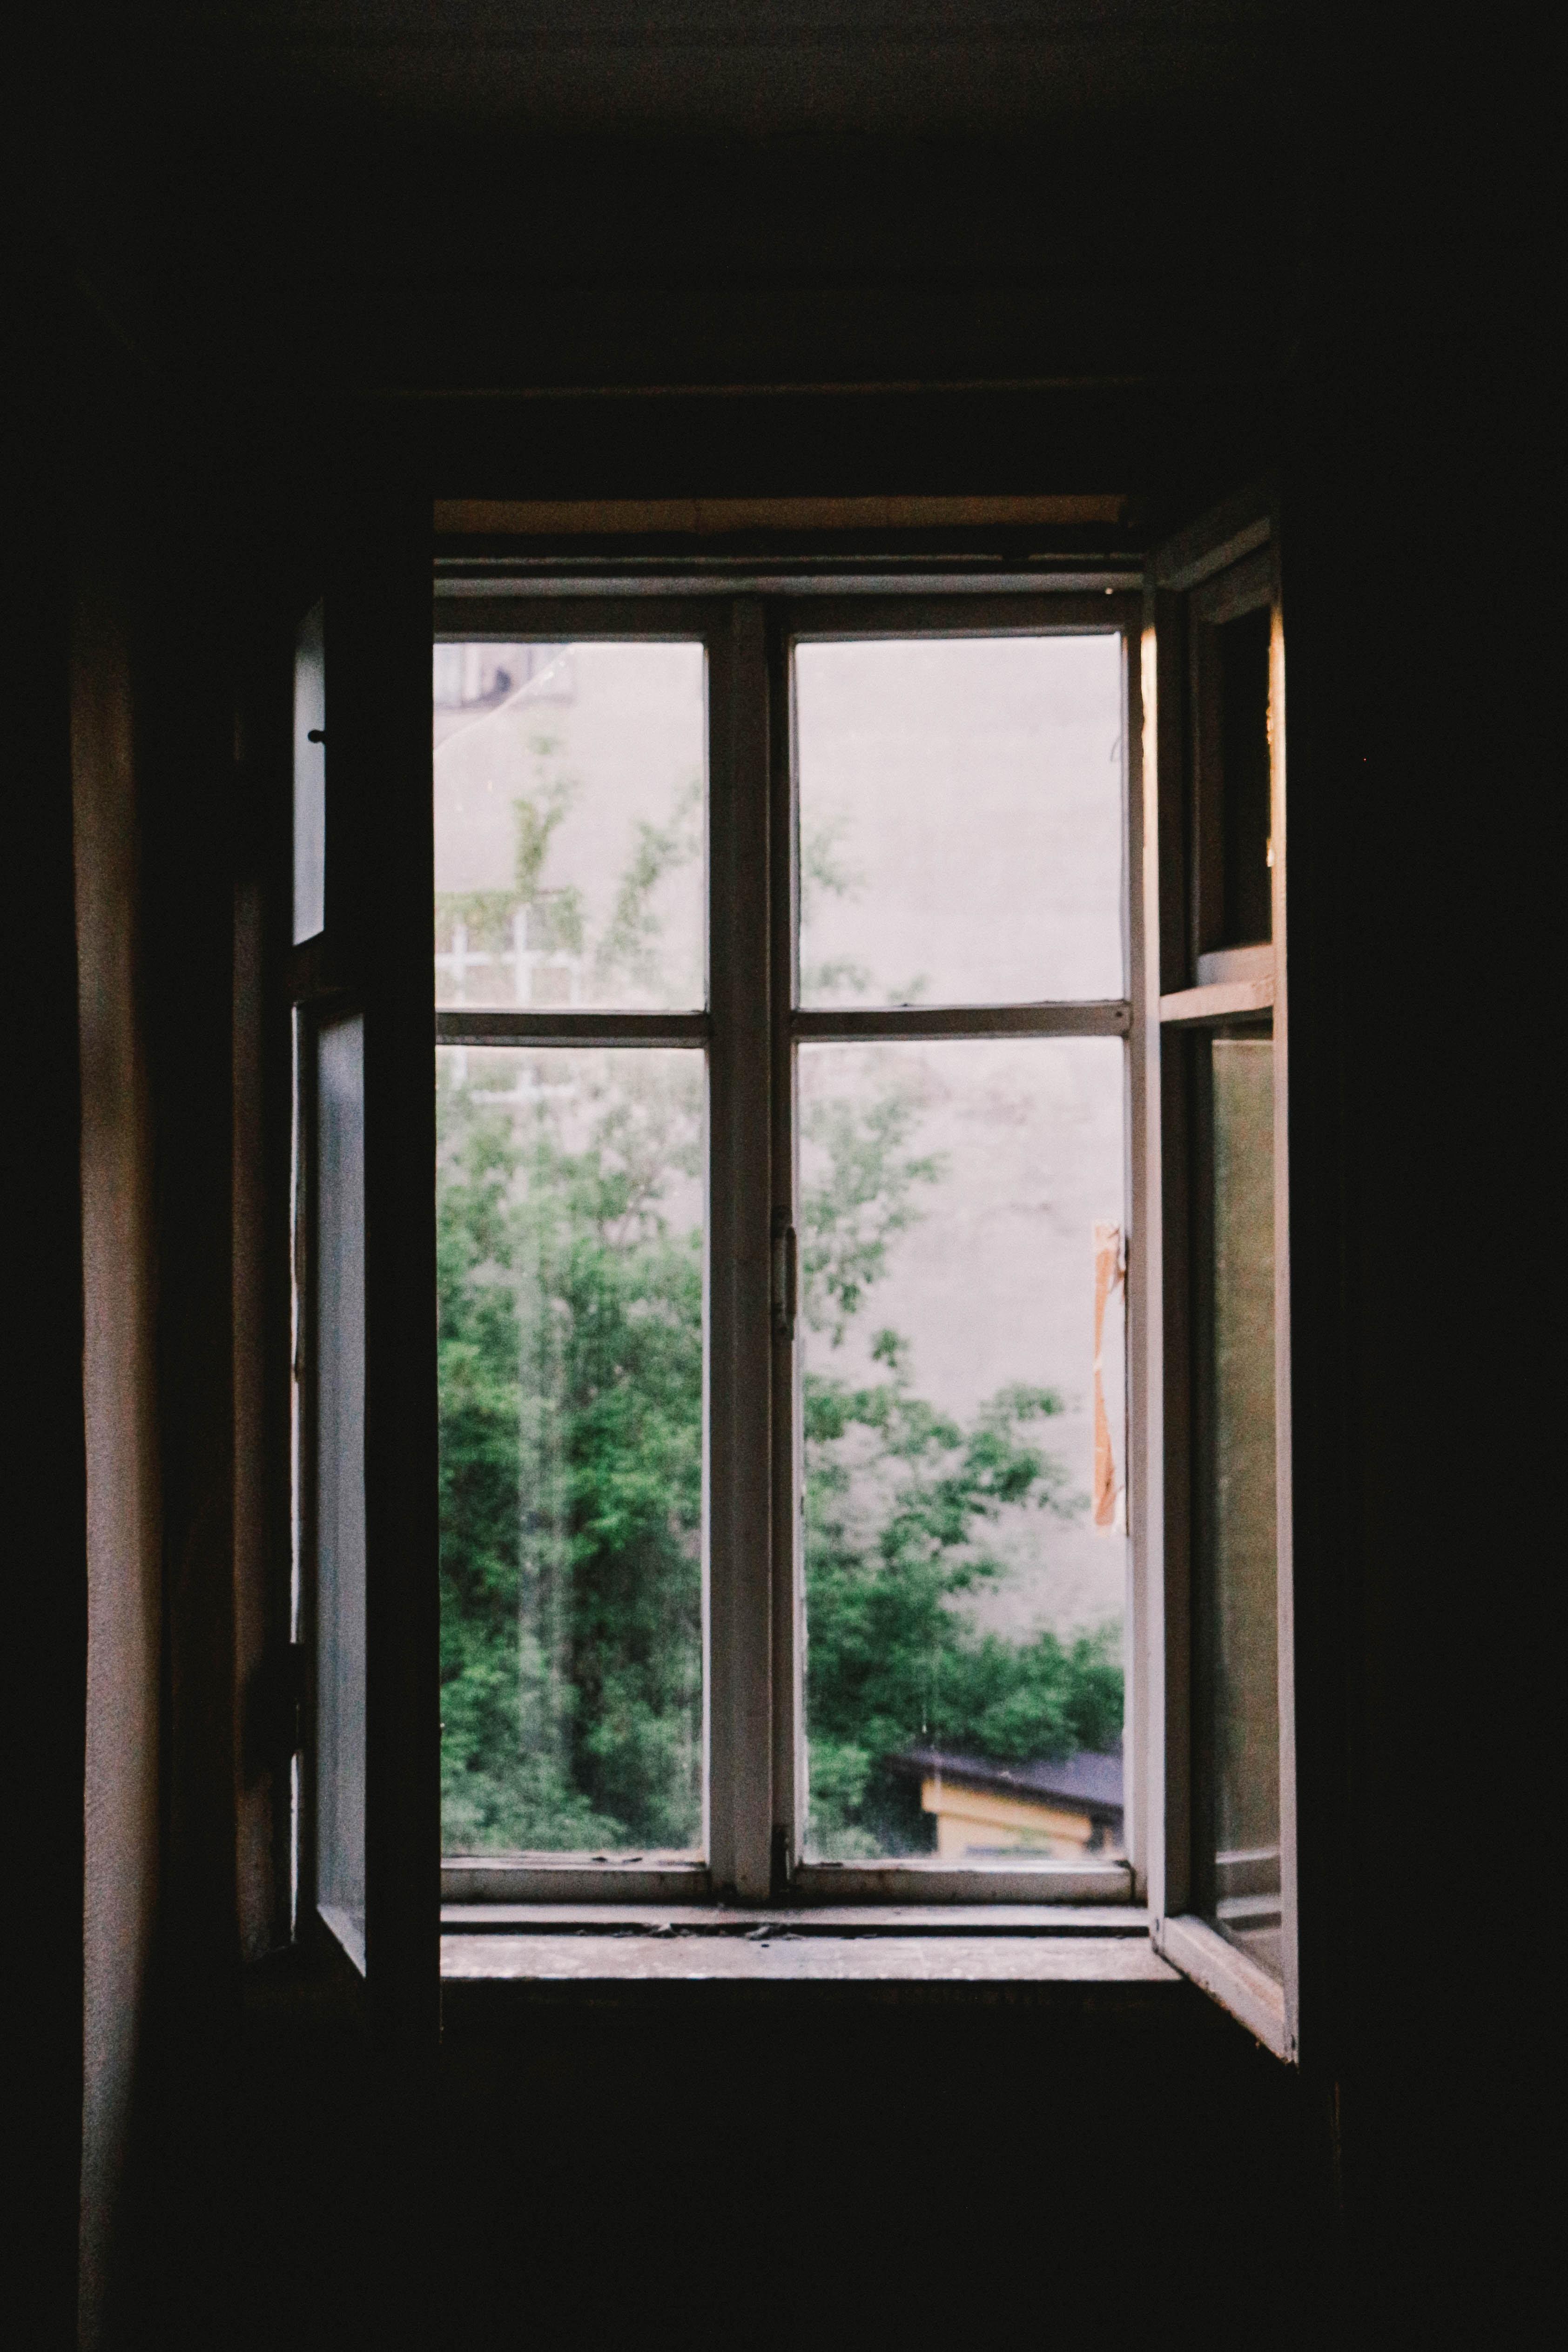 Ouvrir bois maison fenêtre verre maison foncé éclairage porte design dintérieur vitre lumière du